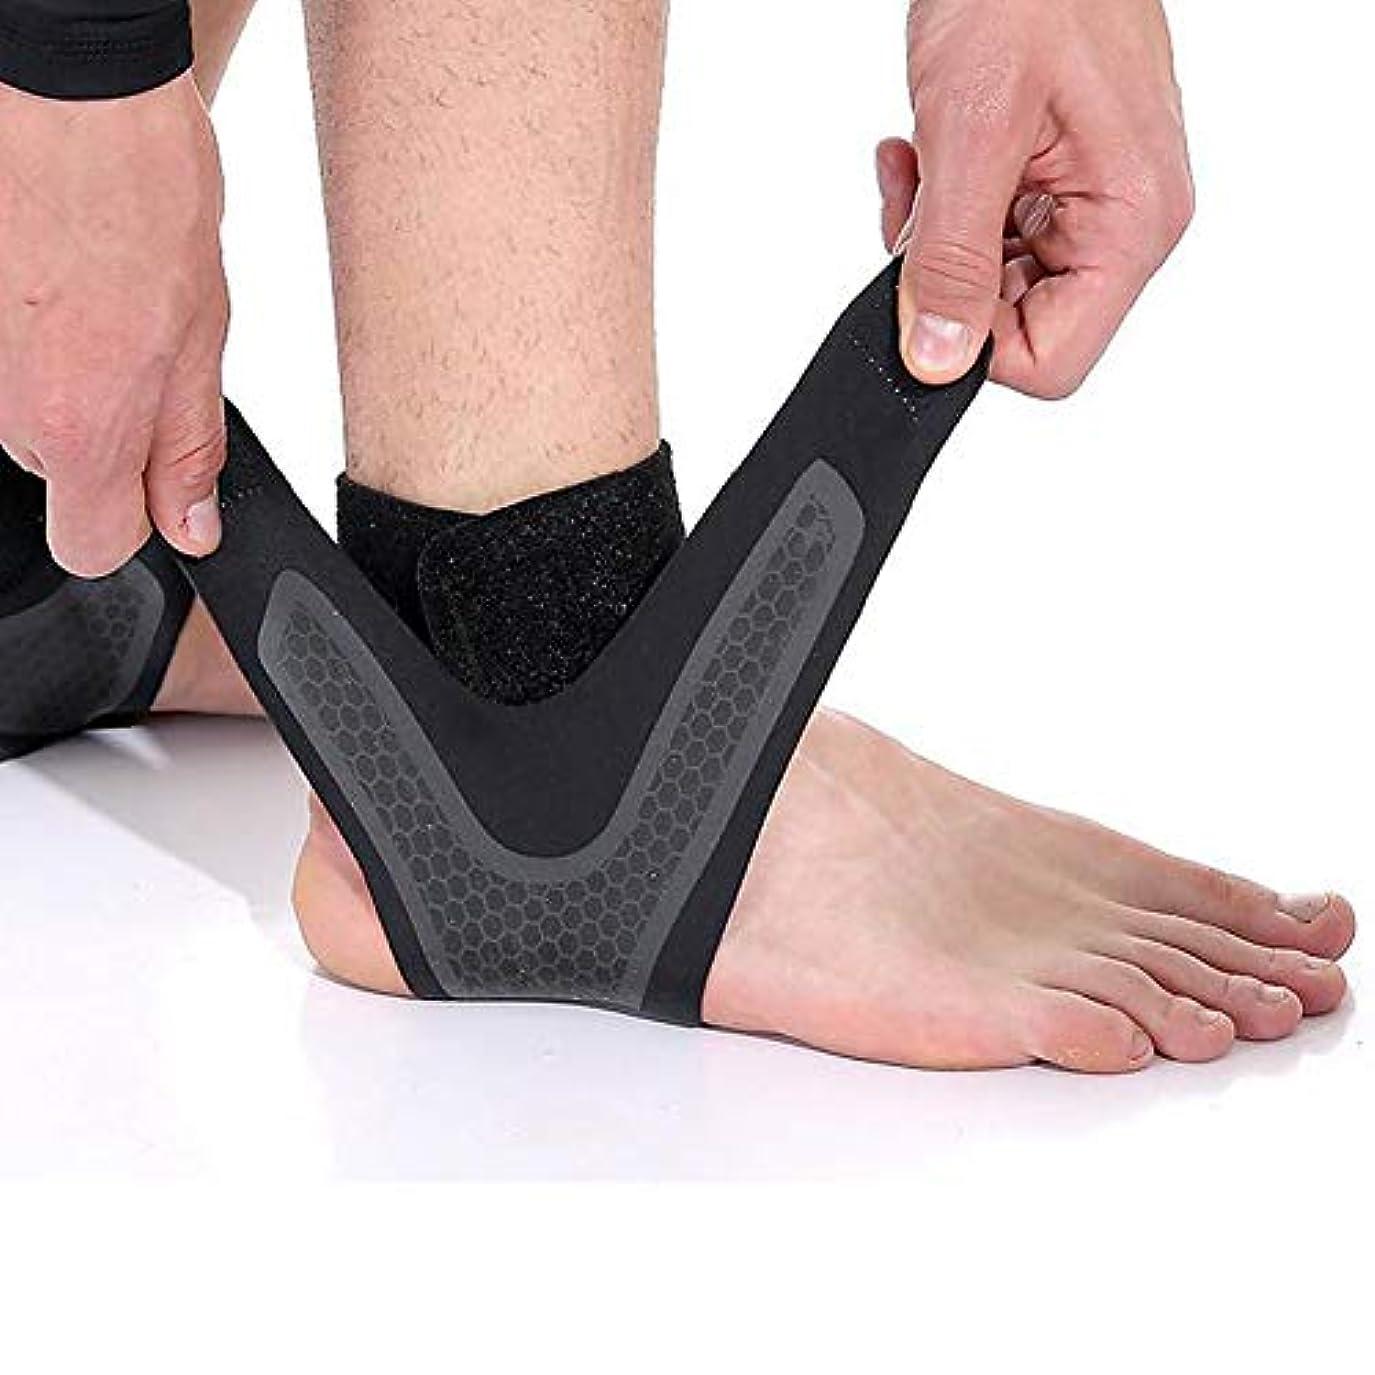 飾り羽ホステスオレンジ足首スタビライザープロテクター圧縮調整可能な足首保護、サポート - 軽量で弾力性と 生地 - すべてのスポーツやジムに適しています。